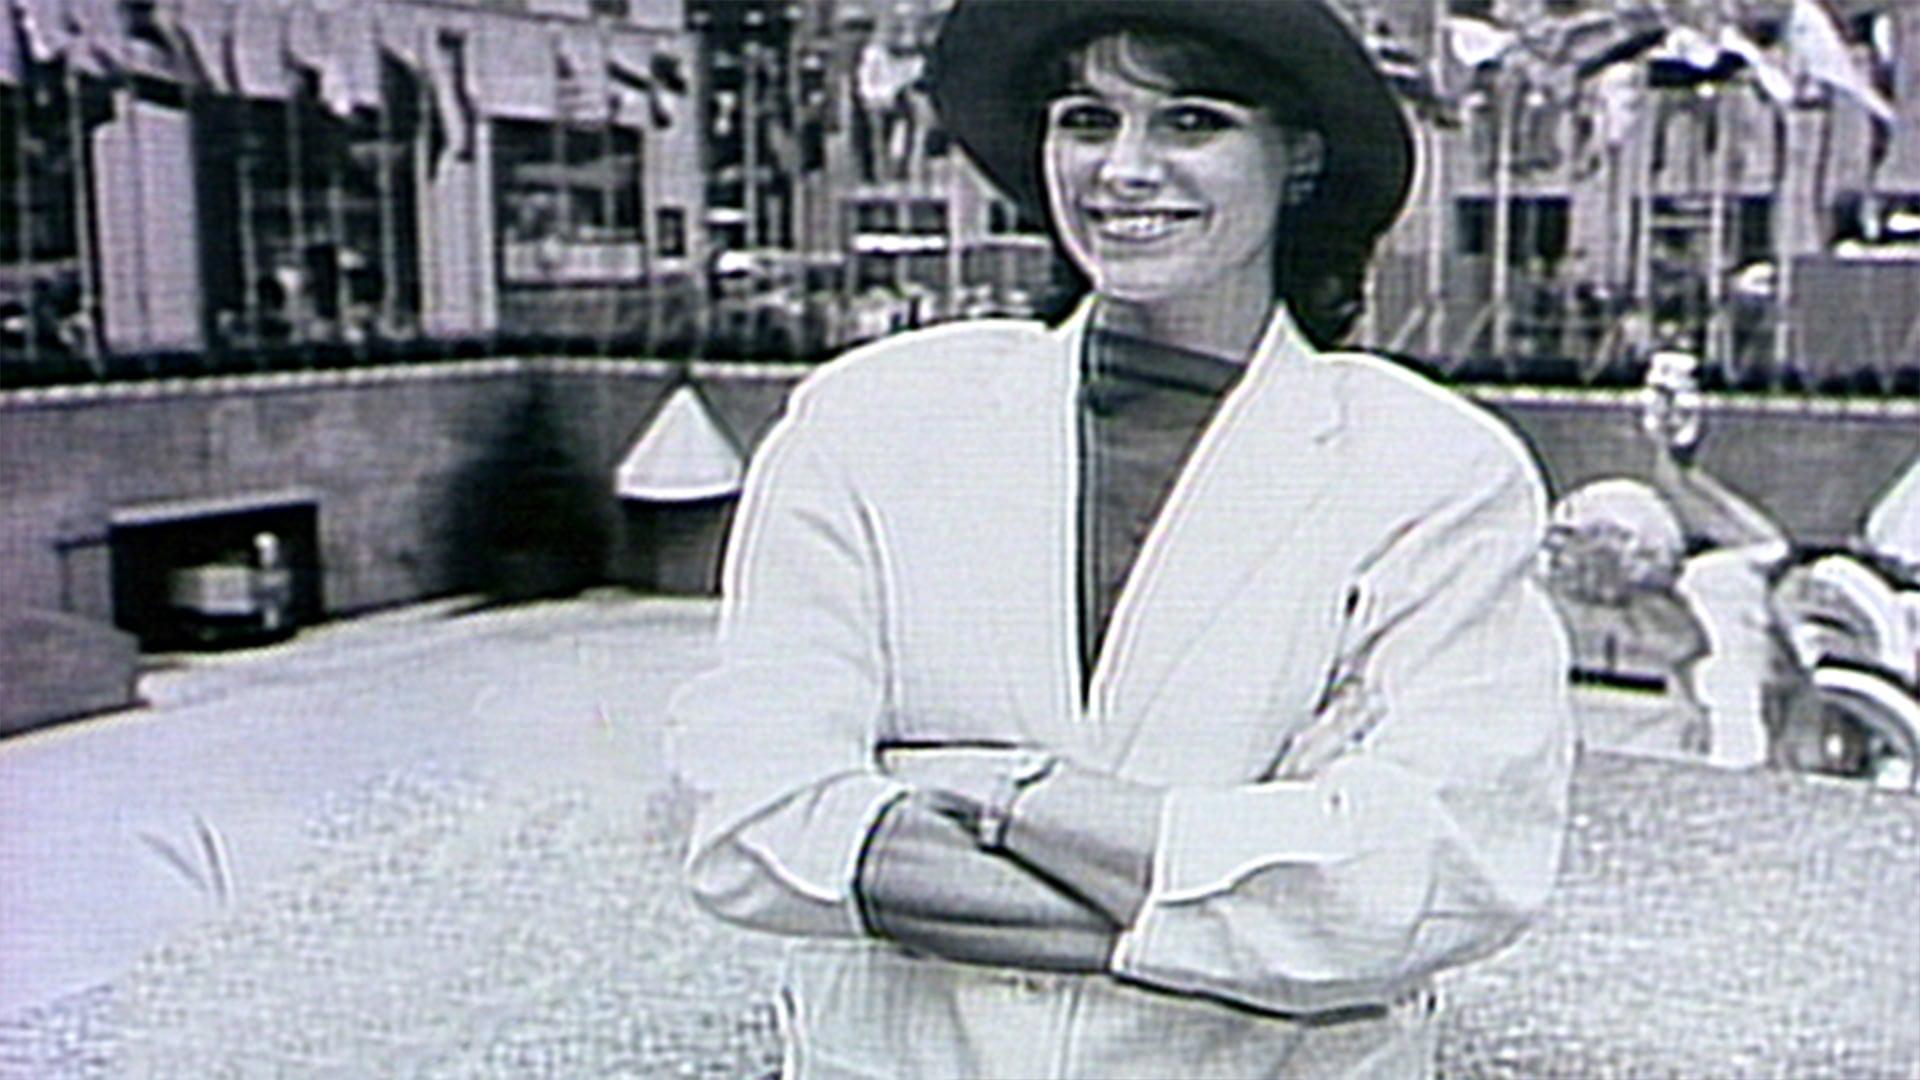 Susan Saint James: April 16, 1983